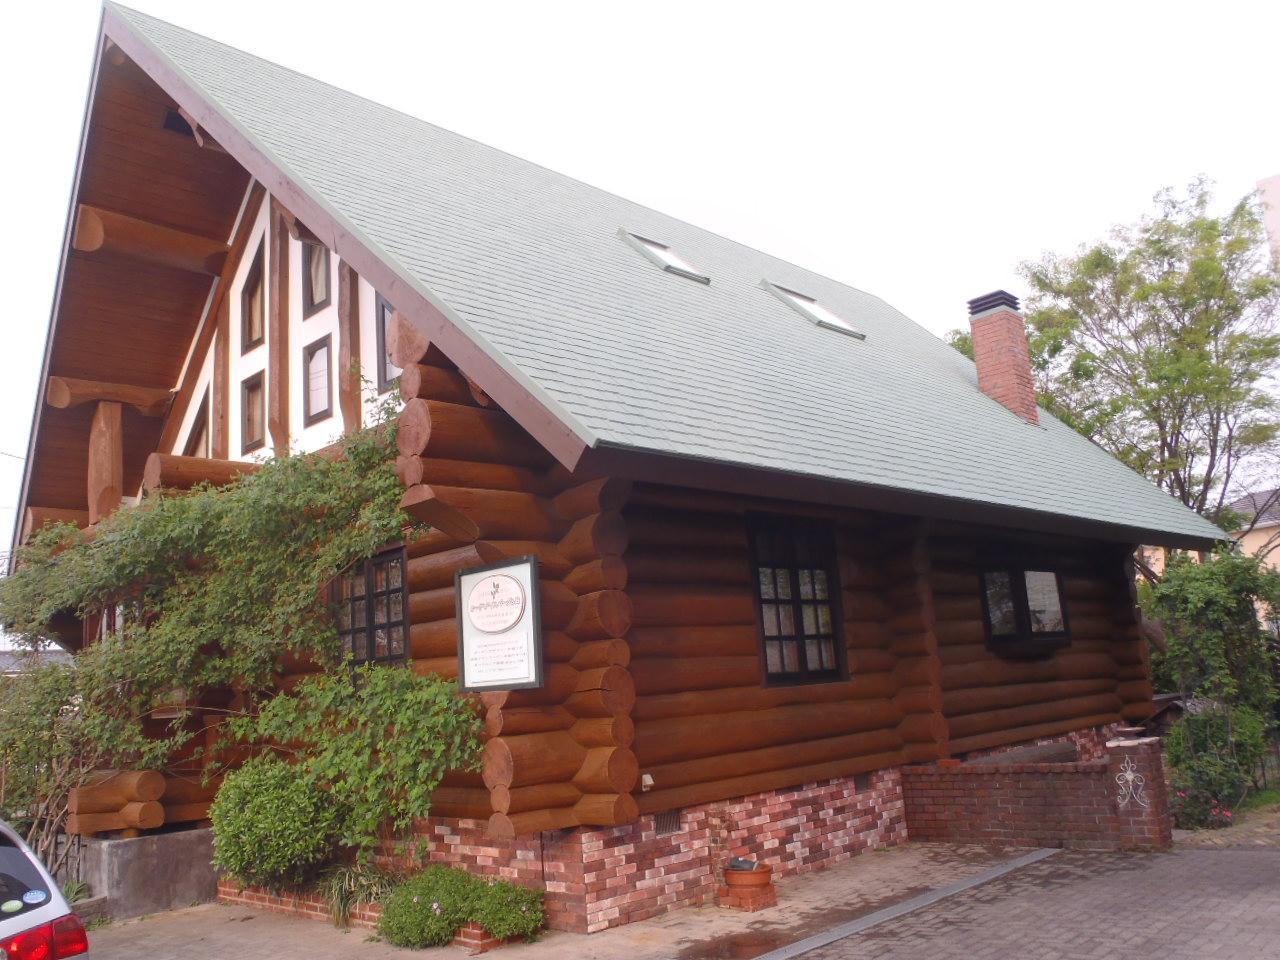 木部の色がよみがえり、落ち着いた雰囲気の仕上がりとなりました。屋根の色ともバッチリあっています!